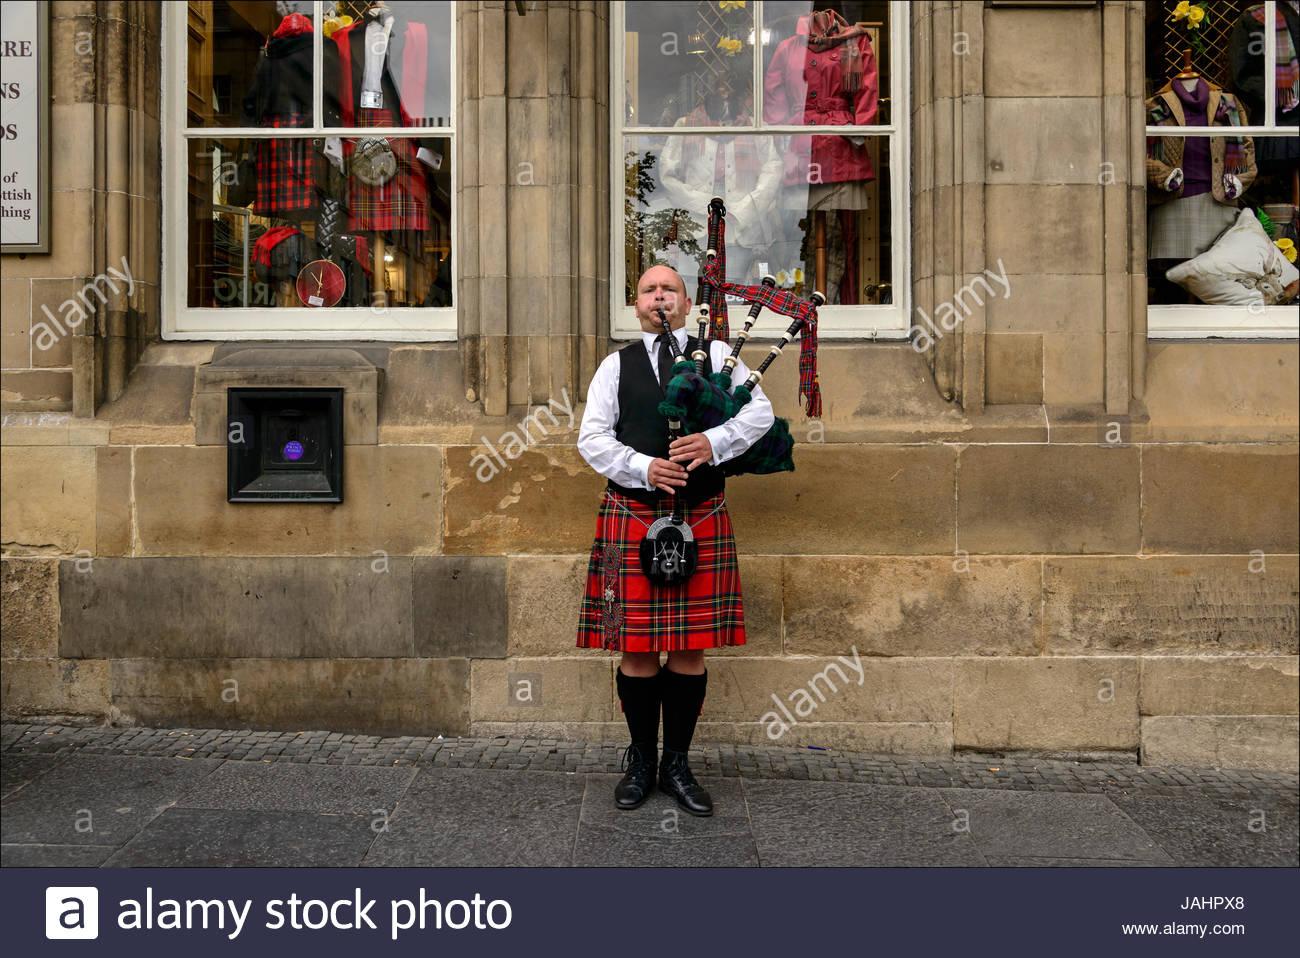 Ein schottischer Dudelsackspieler in traditionellen Kilt unterhält Passanten, von die viele Touristen, auf Stockbild